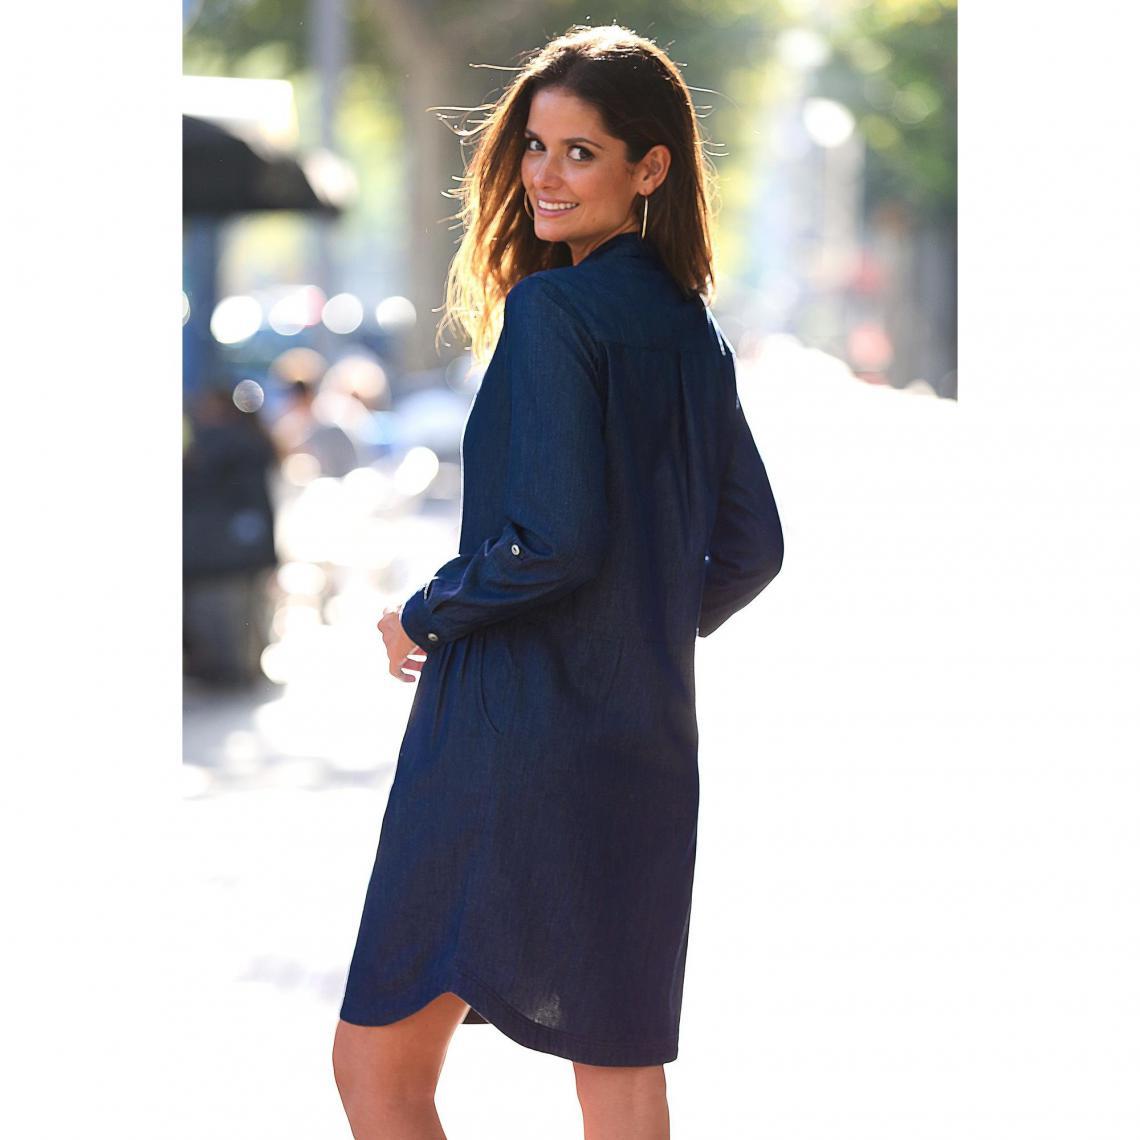 df5271aa005 Robe courte 3 SUISSES Cliquez l image pour l agrandir. Robe en jean manches  longues col chemise femme - bleu foncé ...